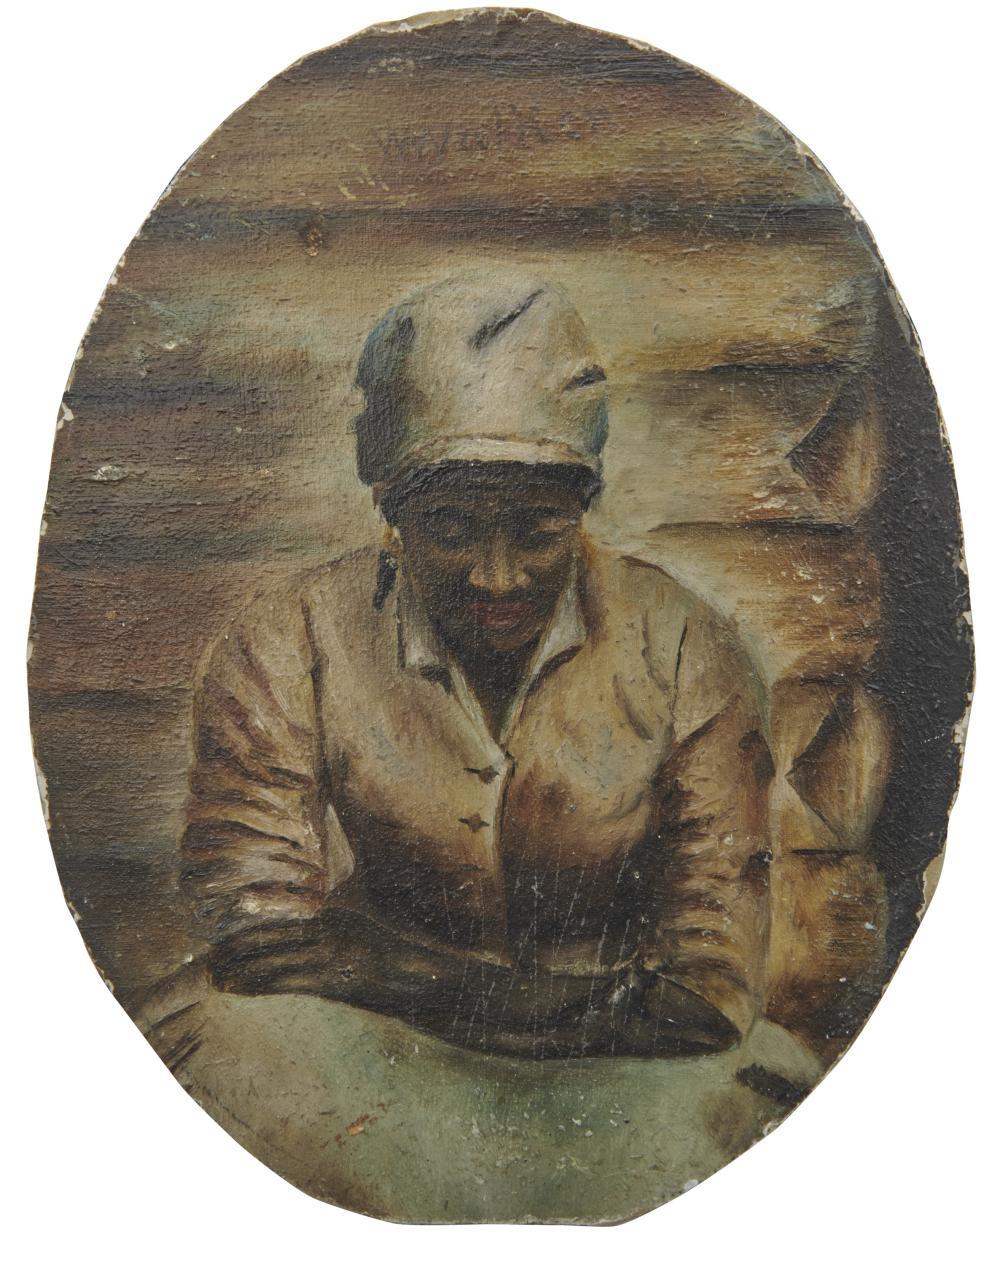 WILLIAM AIKEN WALKER, (American, 1838-1921), Portrait of a Woman, oil on board, 5 1/4 x 4 in.